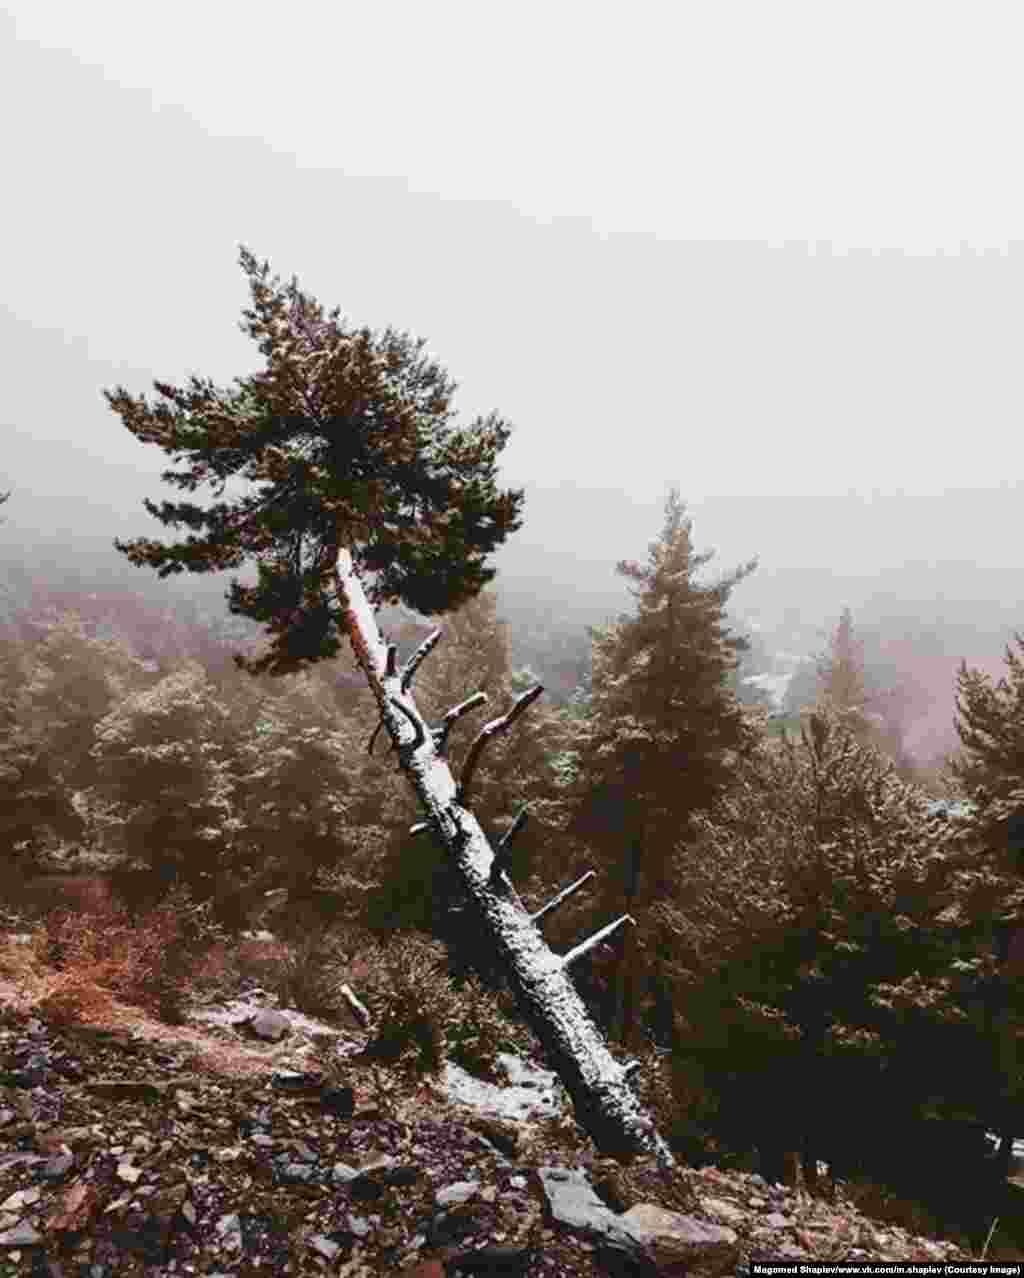 """Во время телефонного разговора с нашим корреспондентом Шапиев рассказал, что его любовь к пейзажной фотографии родом из детства. """"Я вырос в горах. Когда я был ребенком, я постоянно попадал в небольшие приключения и зарисовывал все, что видел"""""""